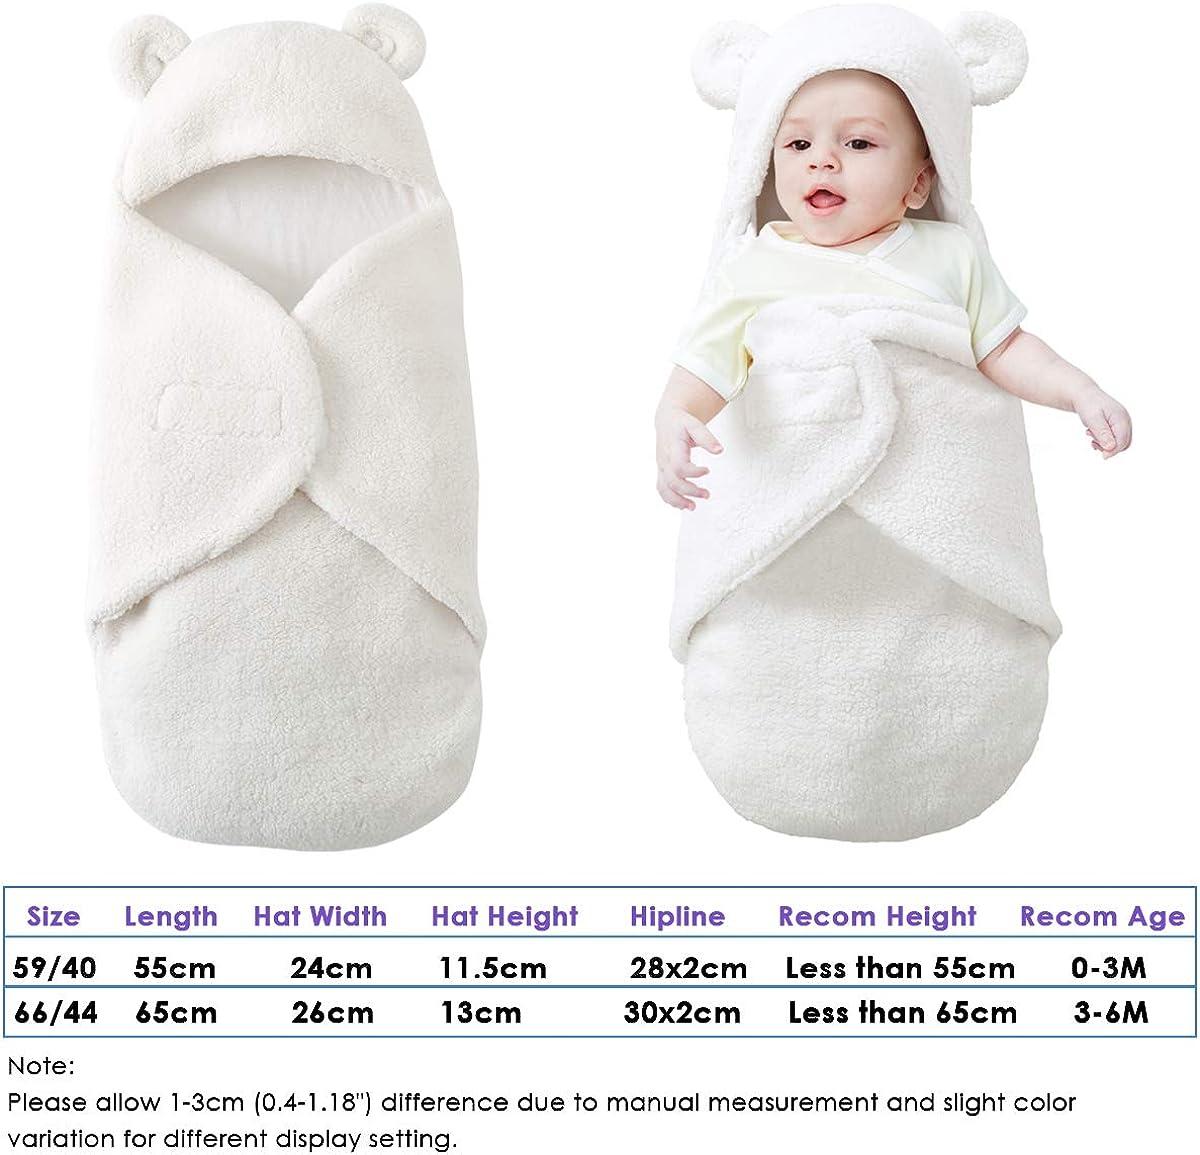 Lindo Saco de Dormir Manta de Felpa Leyeet Saco de Dormir c/álido Color Blanco Cuna Saco de Dormir Cochecito Manta para beb/é reci/én Nacido Forro Polar